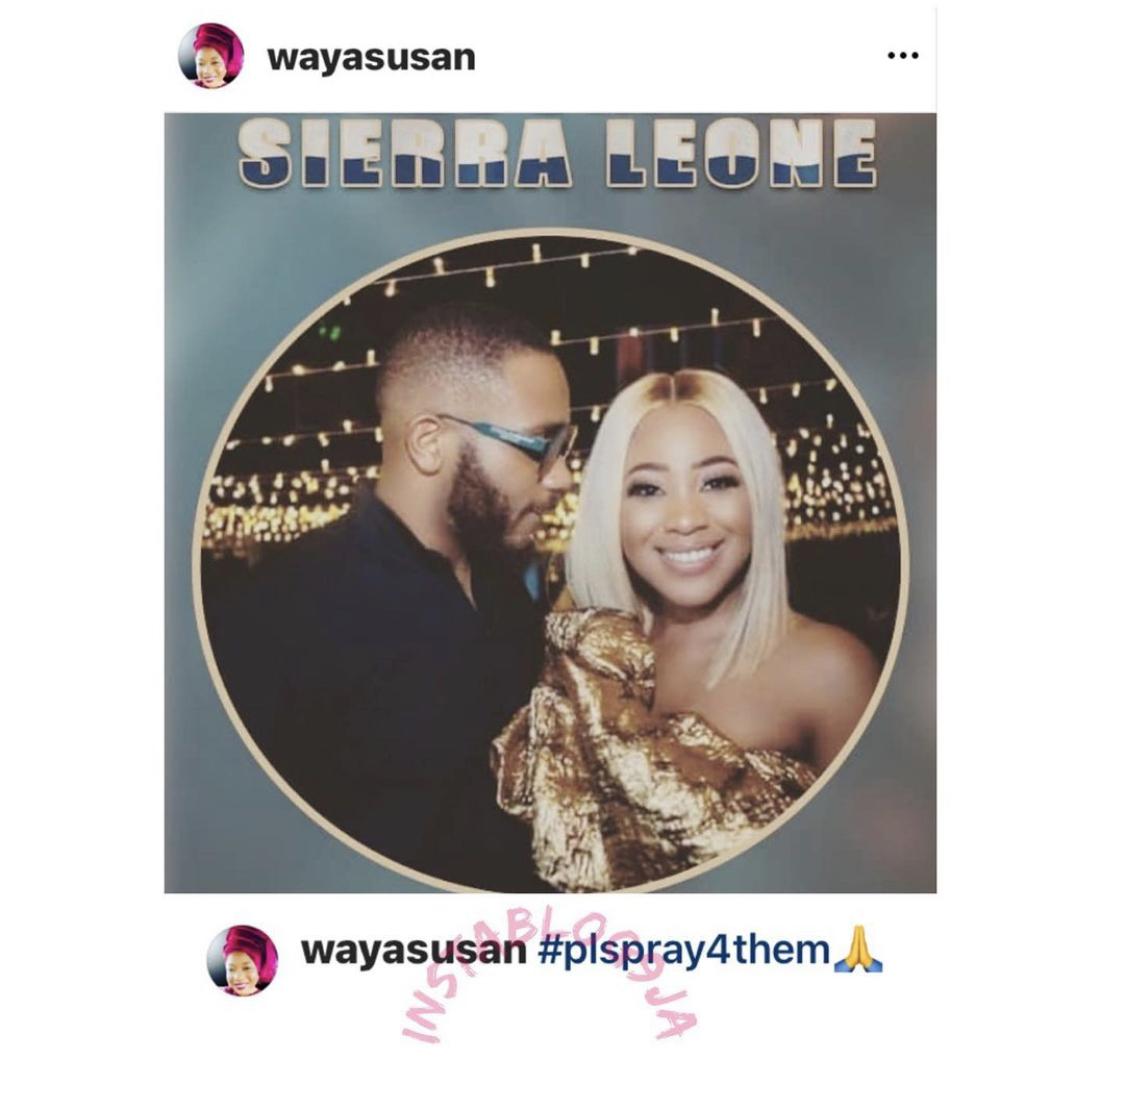 Susan's post